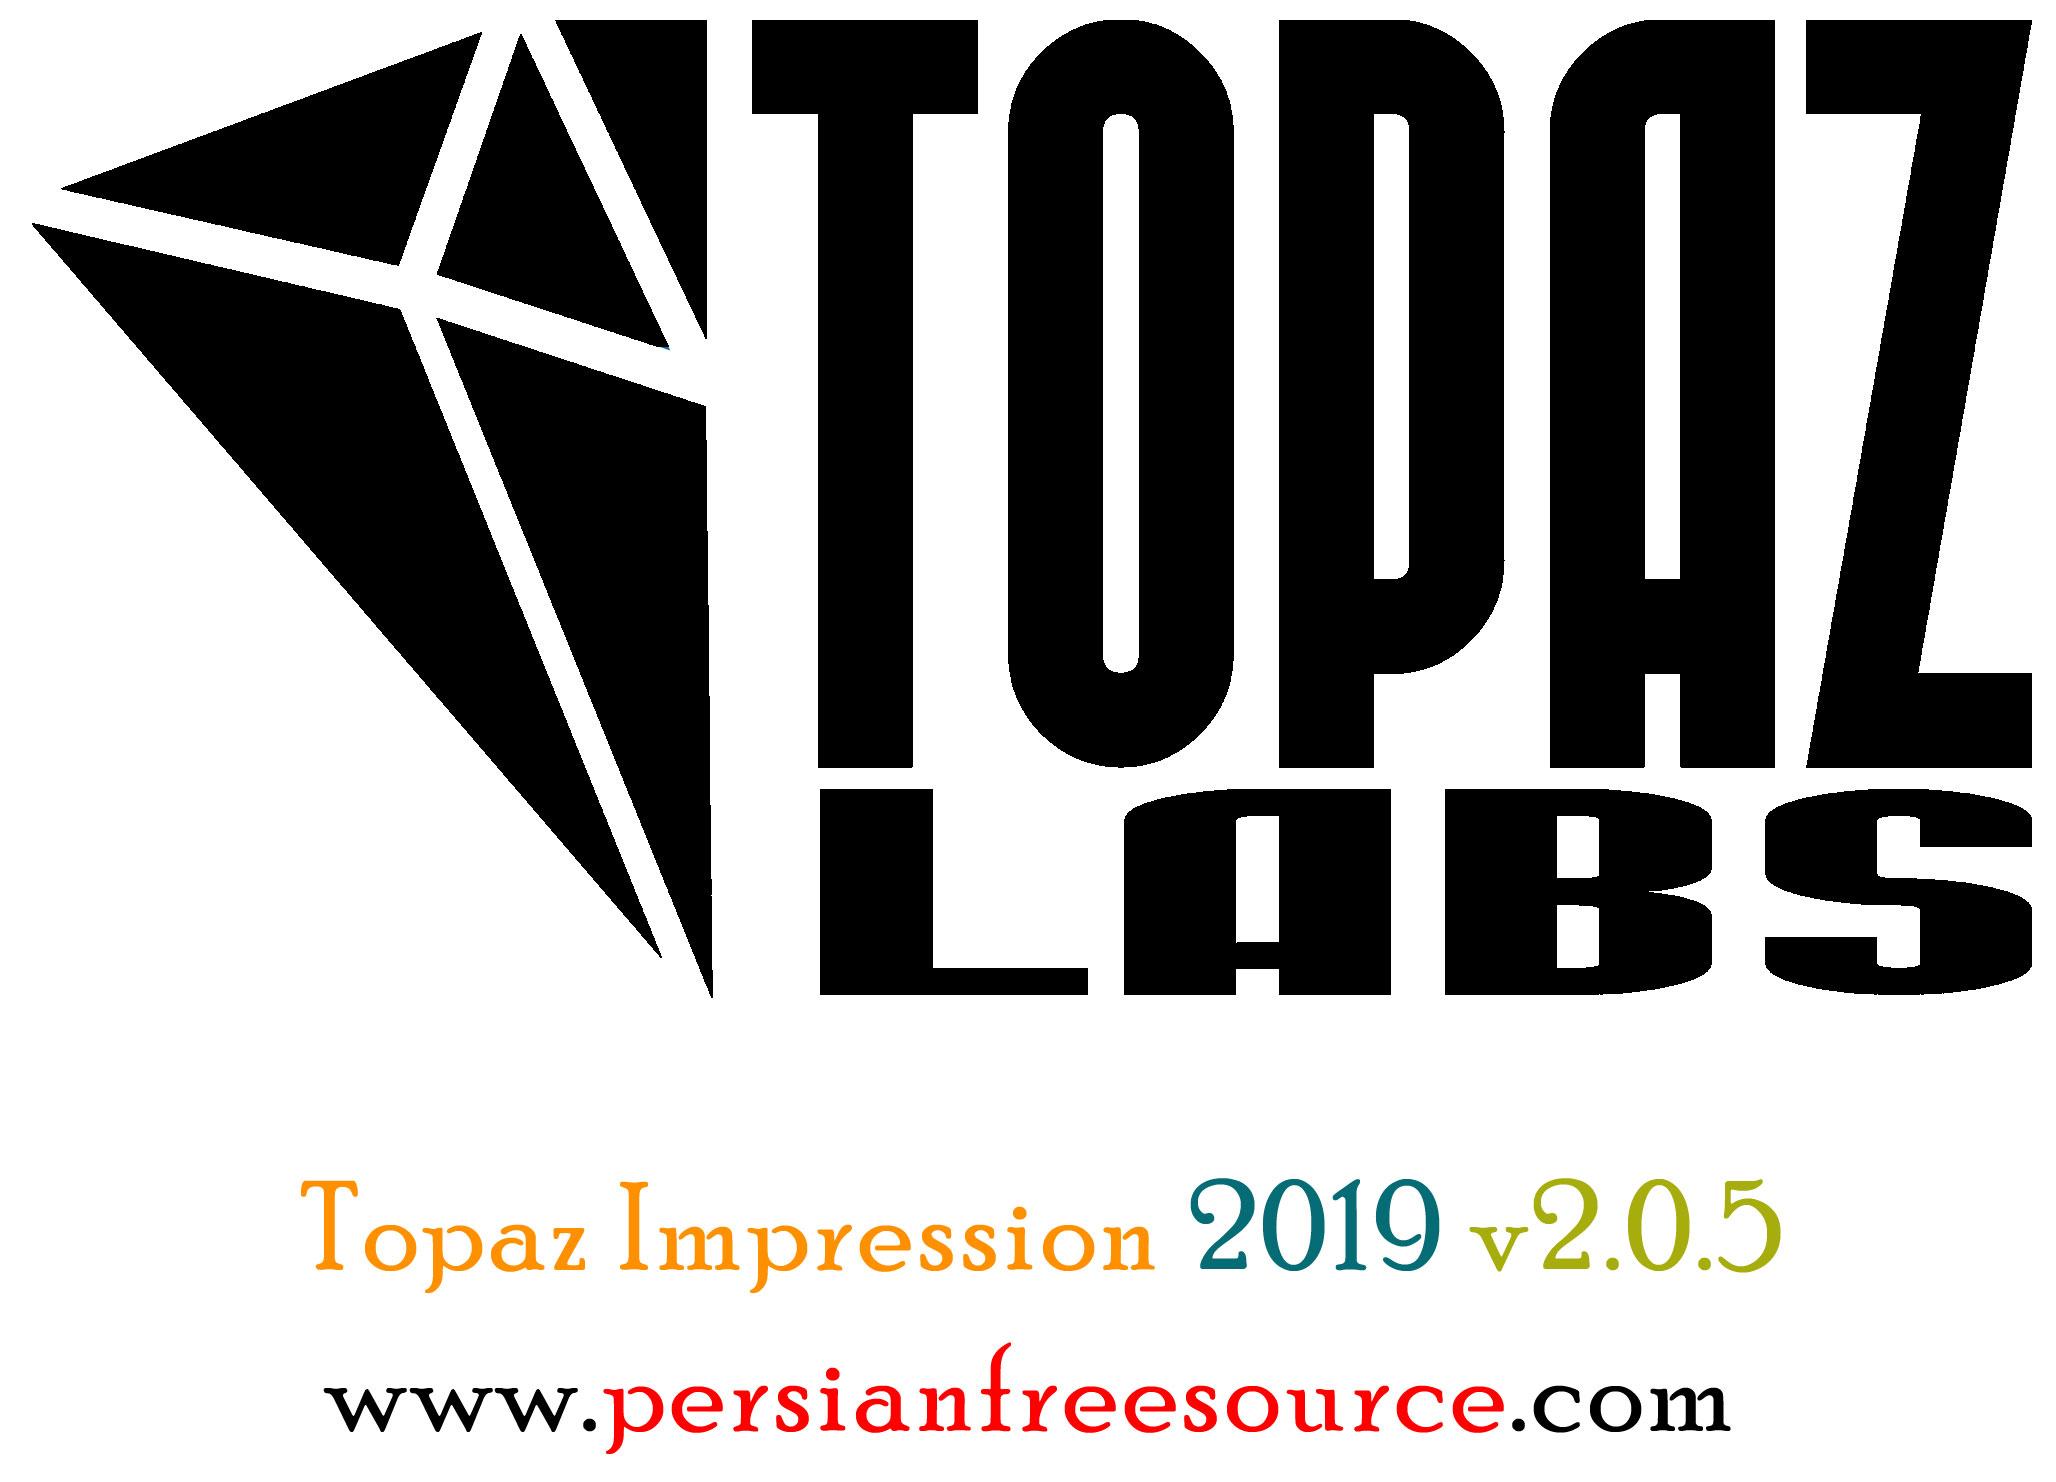 دانلود نرم افزار تبدیل عکس به نقاشی Topaz Impression 2019 v2.0.5